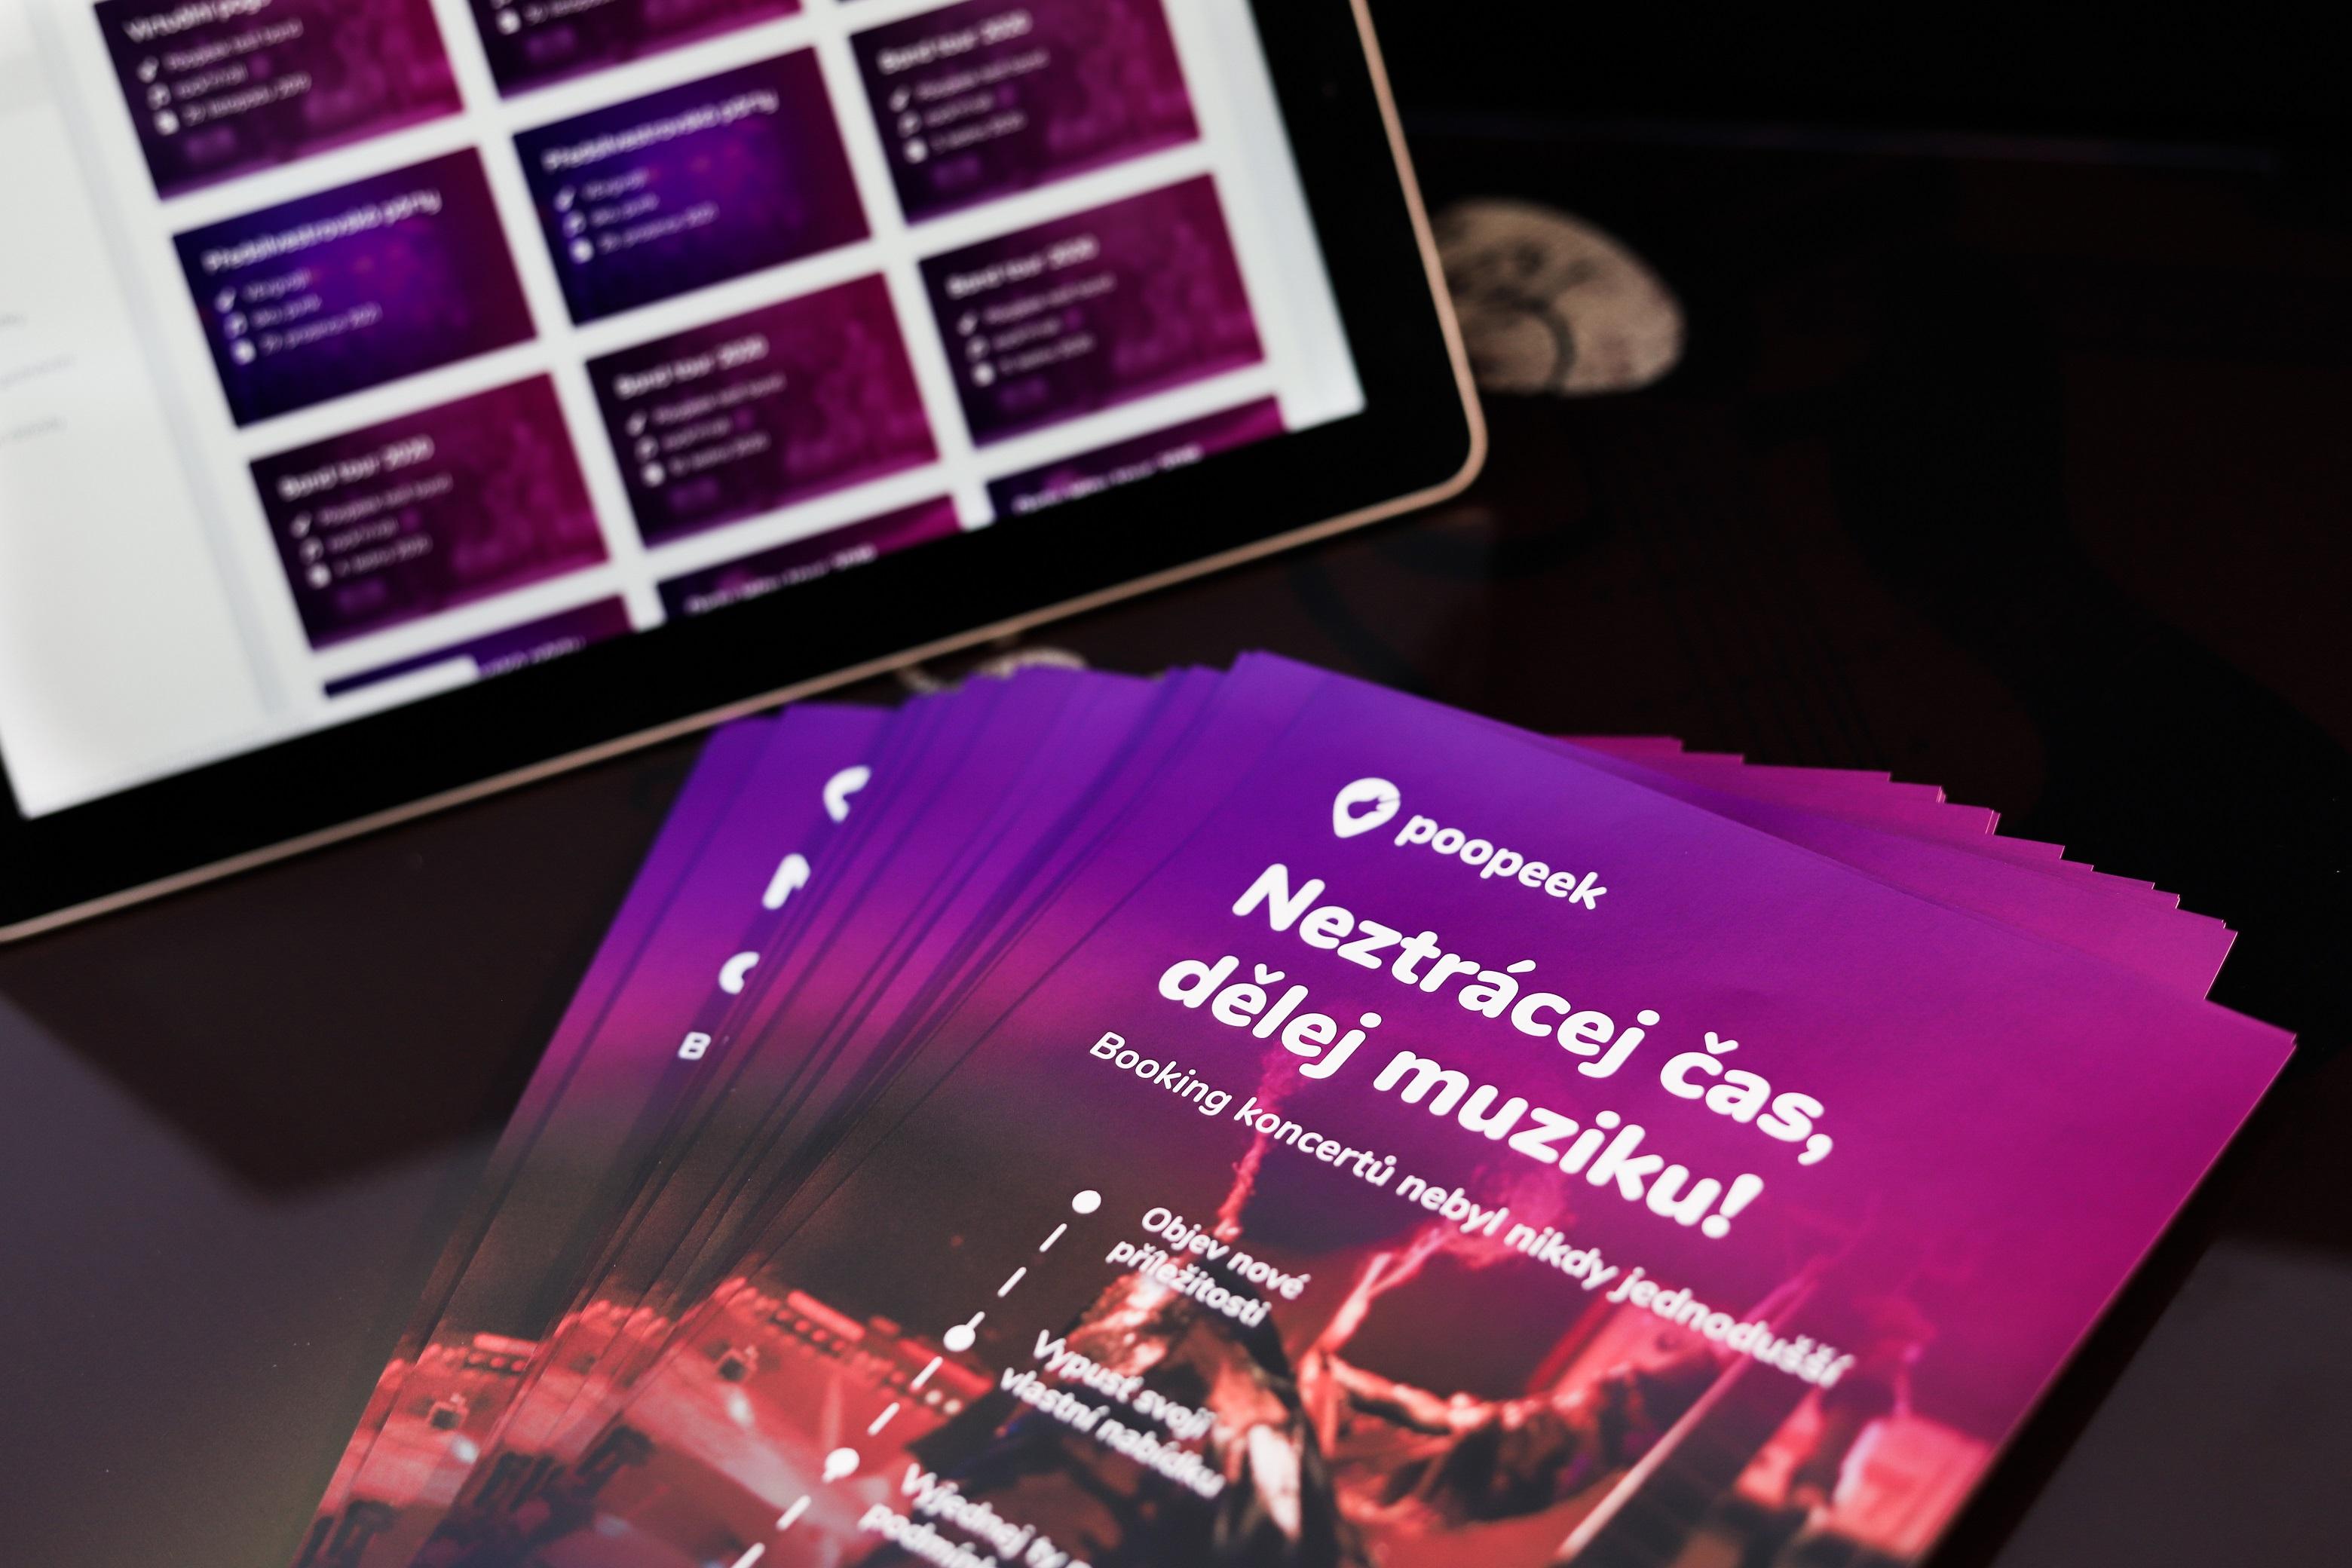 Představujeme Poopeek, novou bookingovou platformu pro interprety a organizátory!